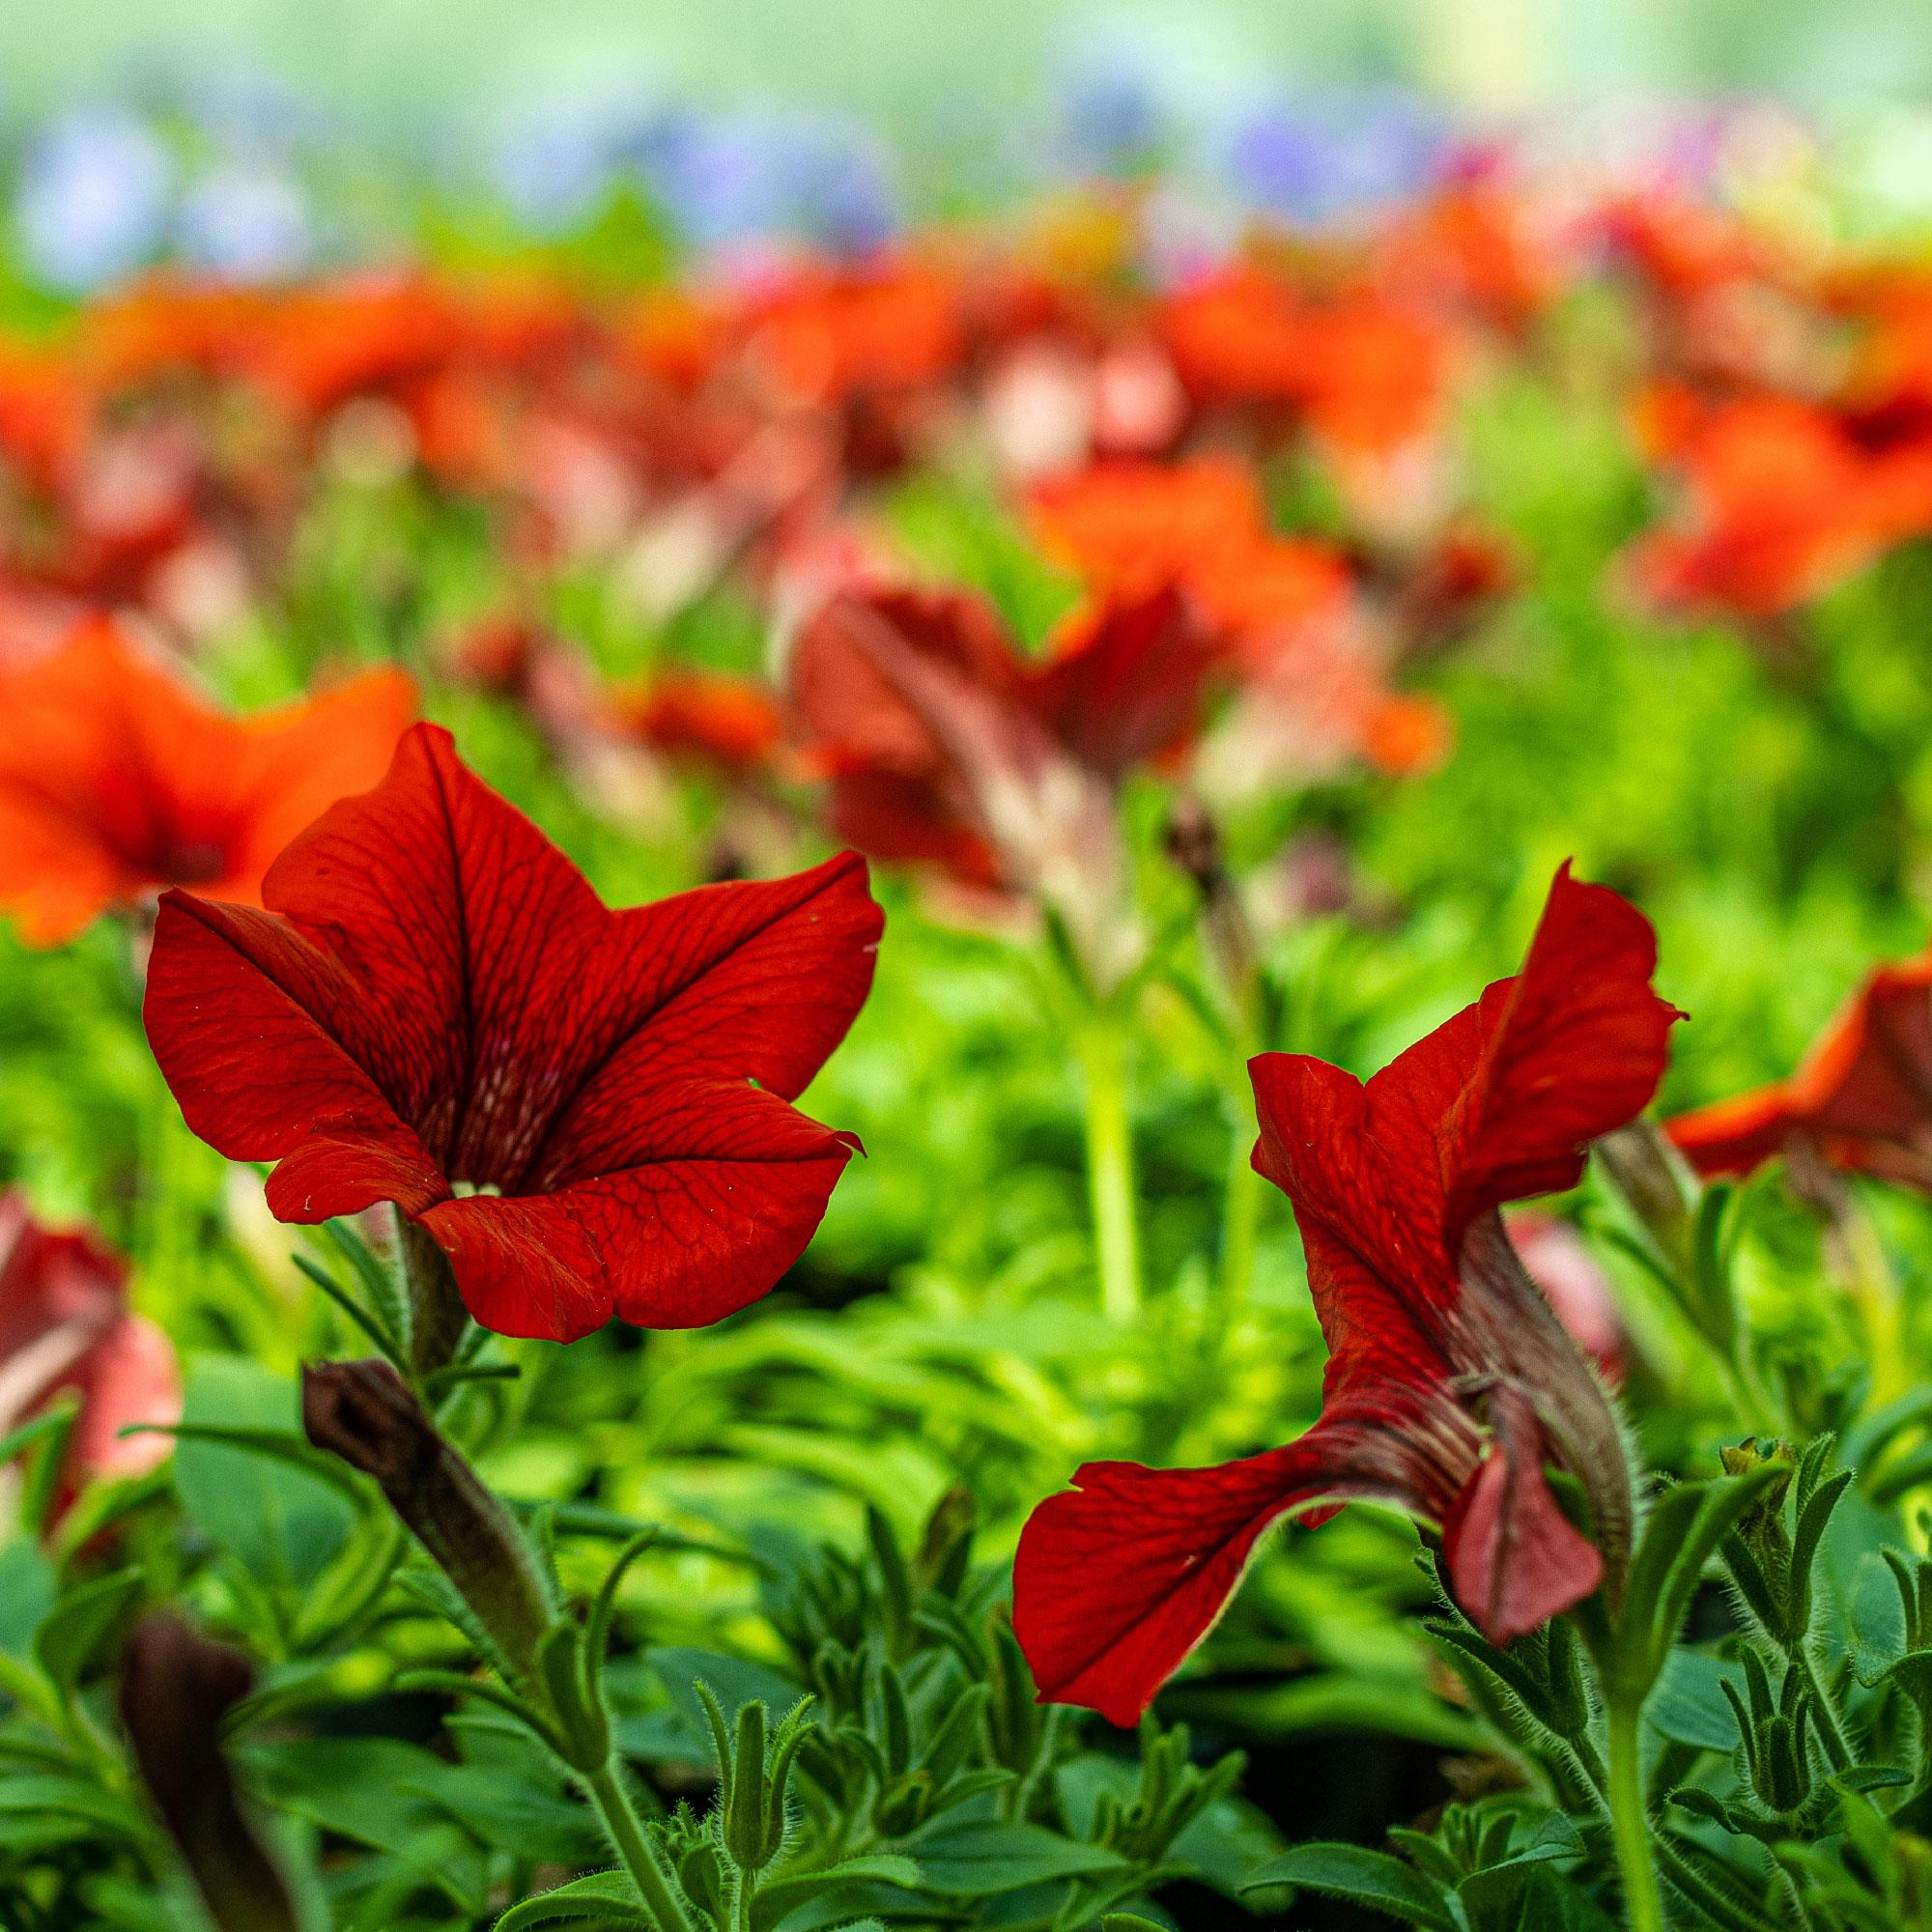 Amaryllis provenant des Fleurs des Cévennes dans le Gard